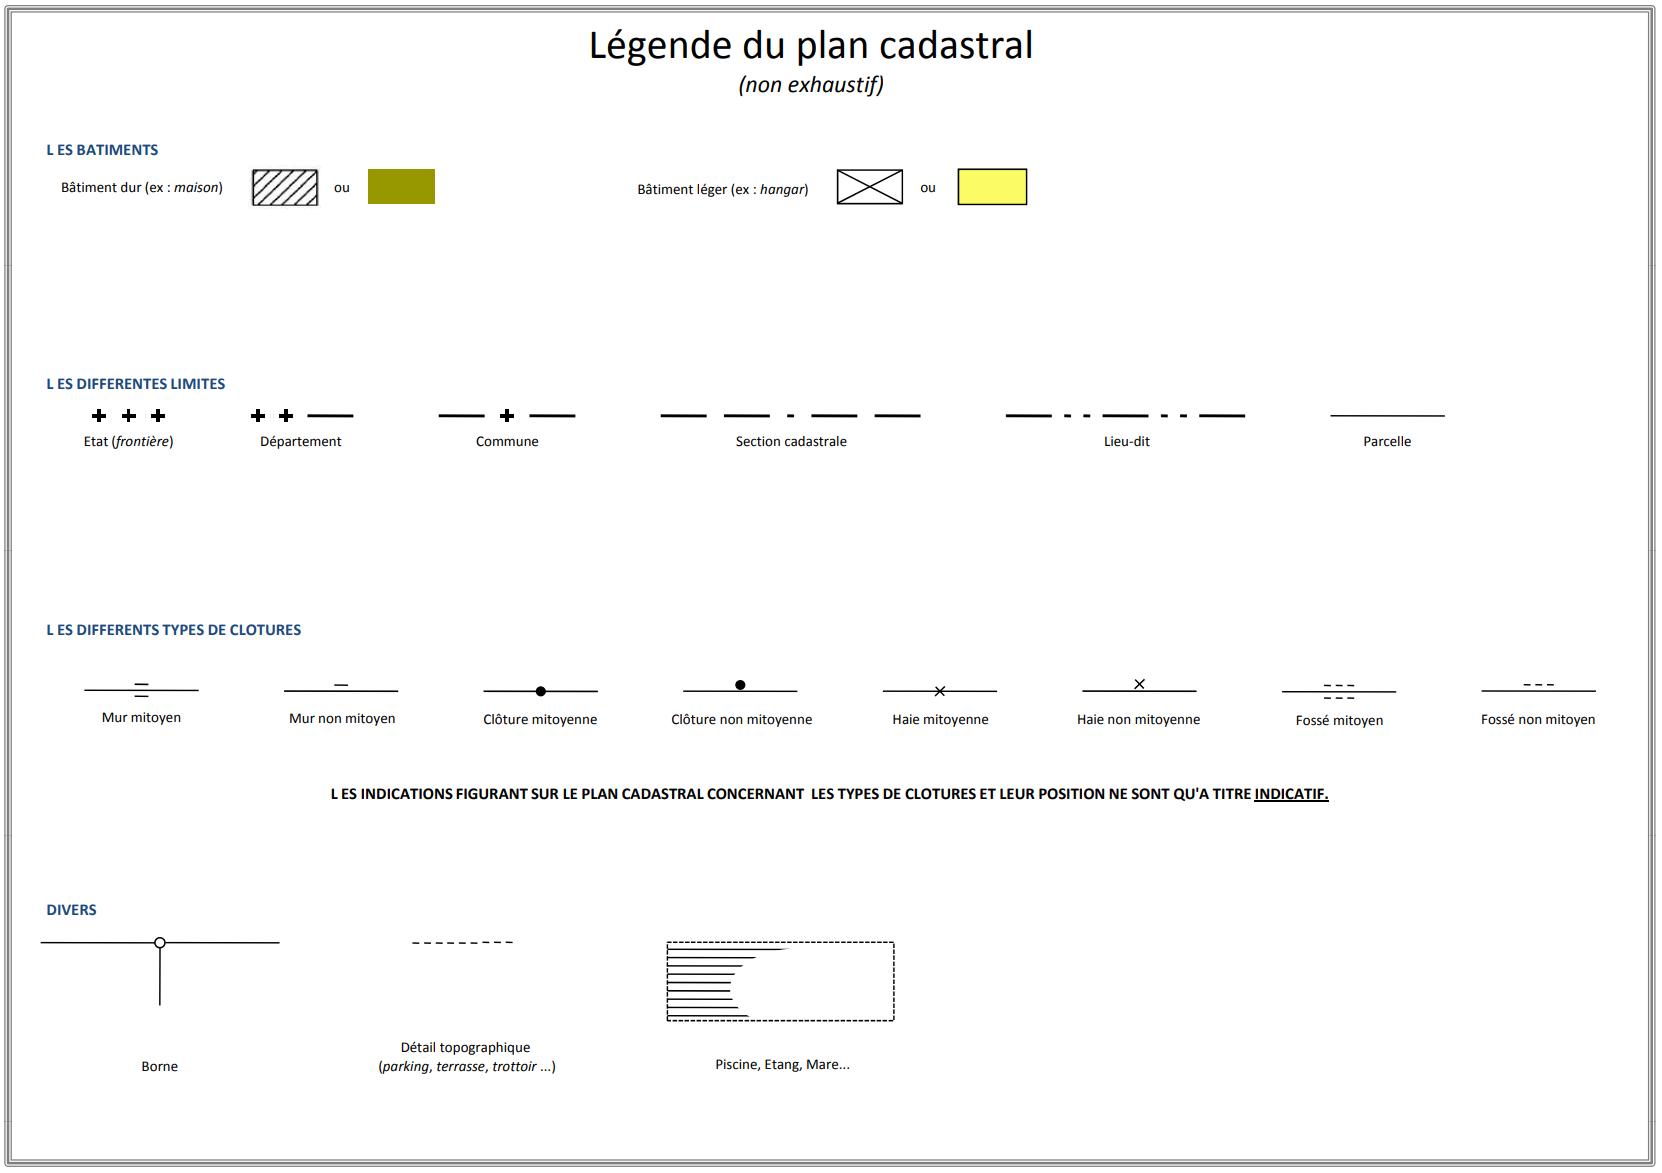 Capture 2- Légende du Plan cadastral.PNG